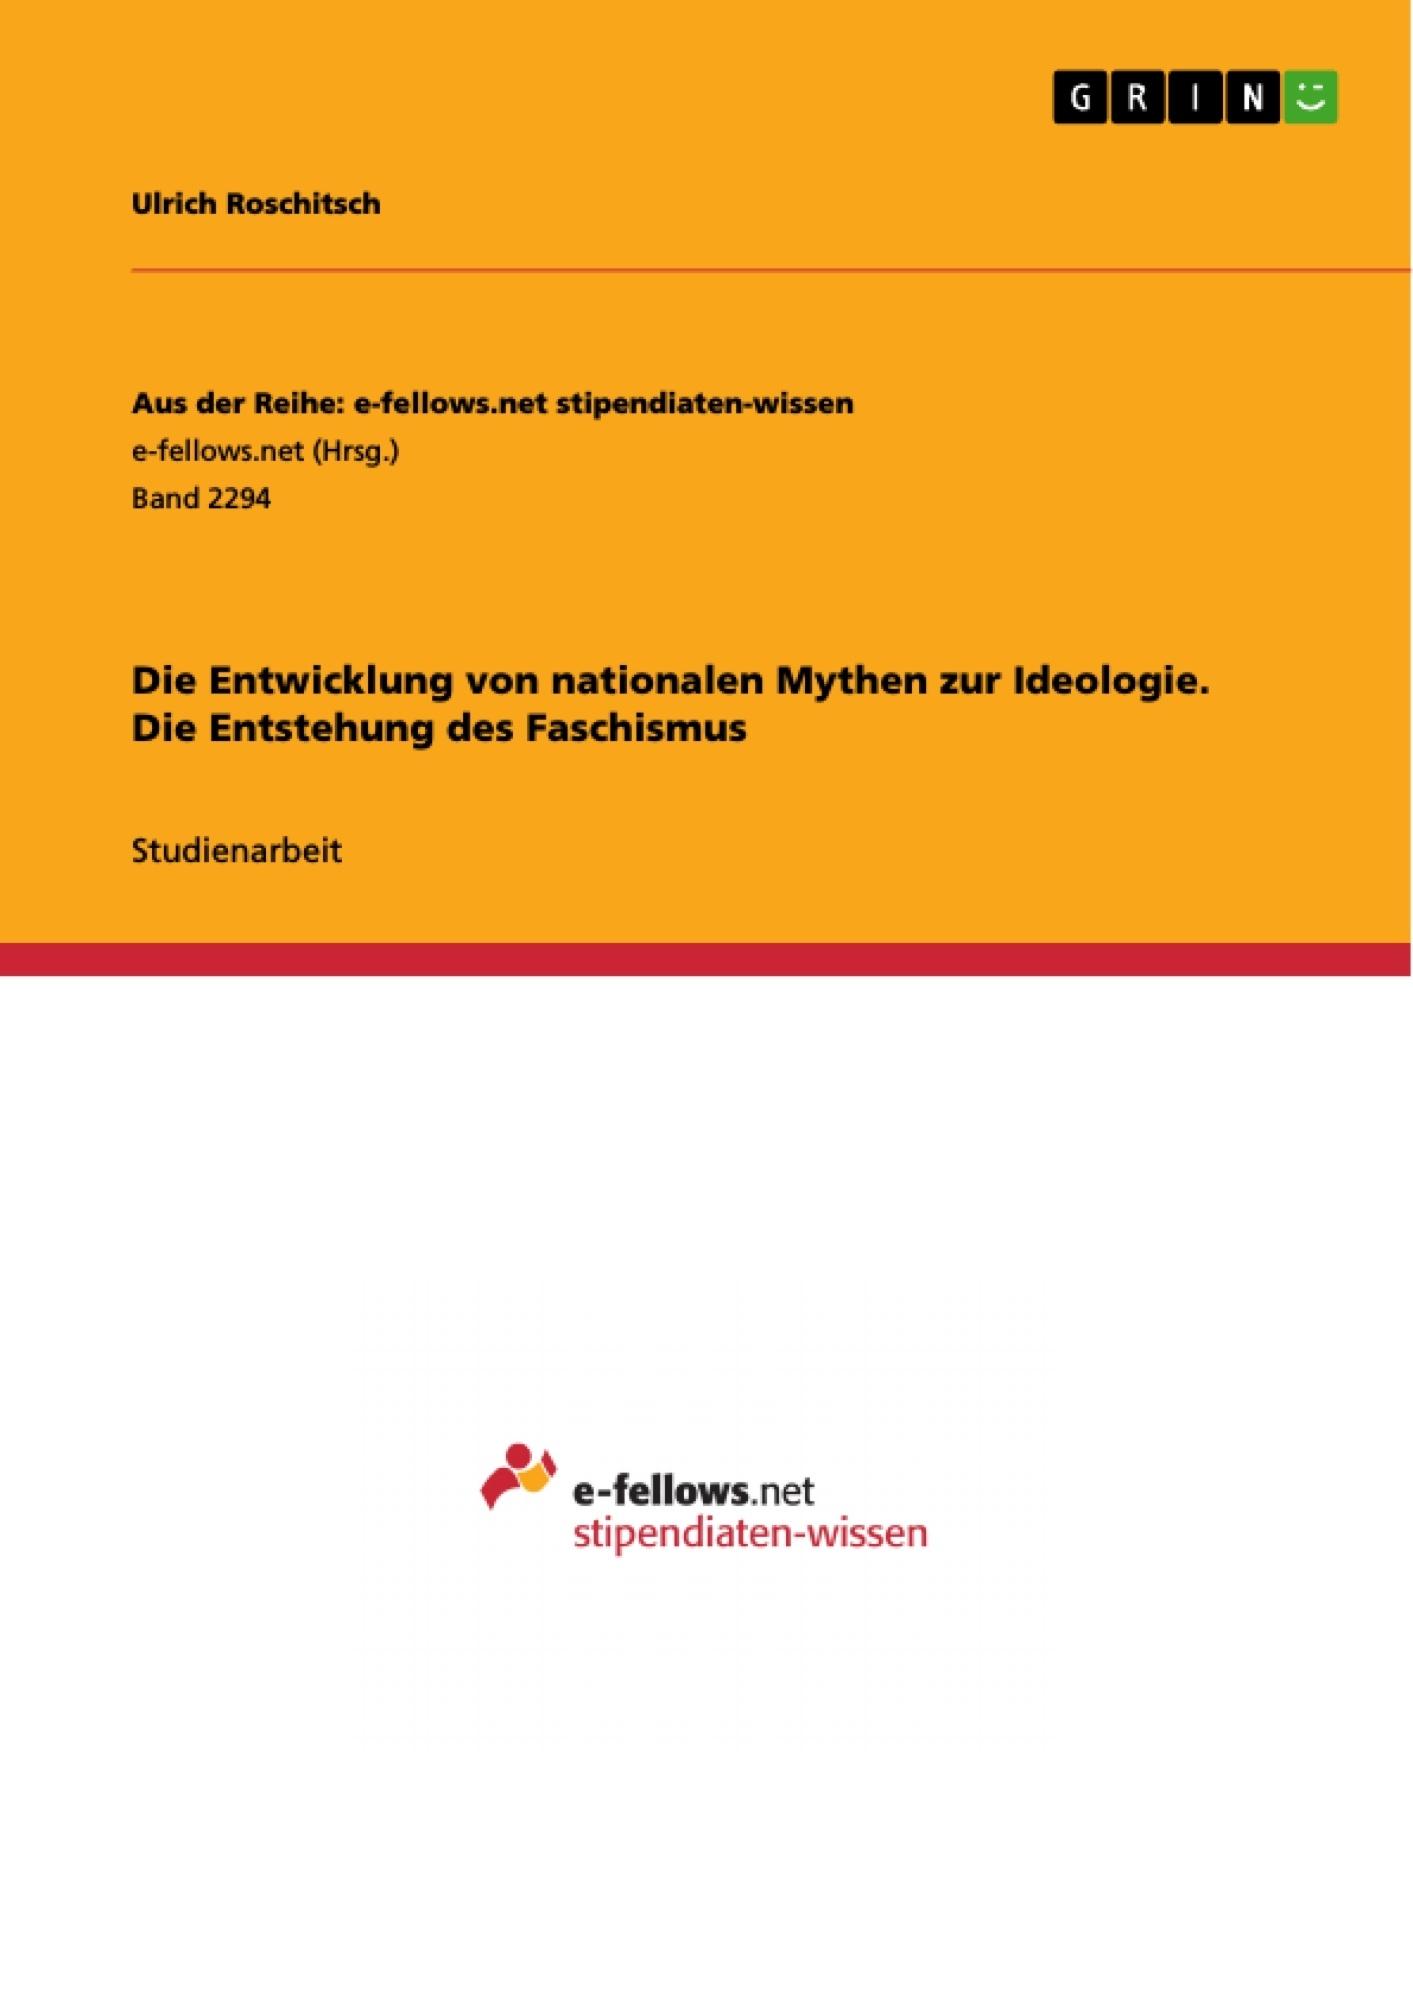 Titel: Die Entwicklung von nationalen Mythen zur Ideologie. Die Entstehung des Faschismus